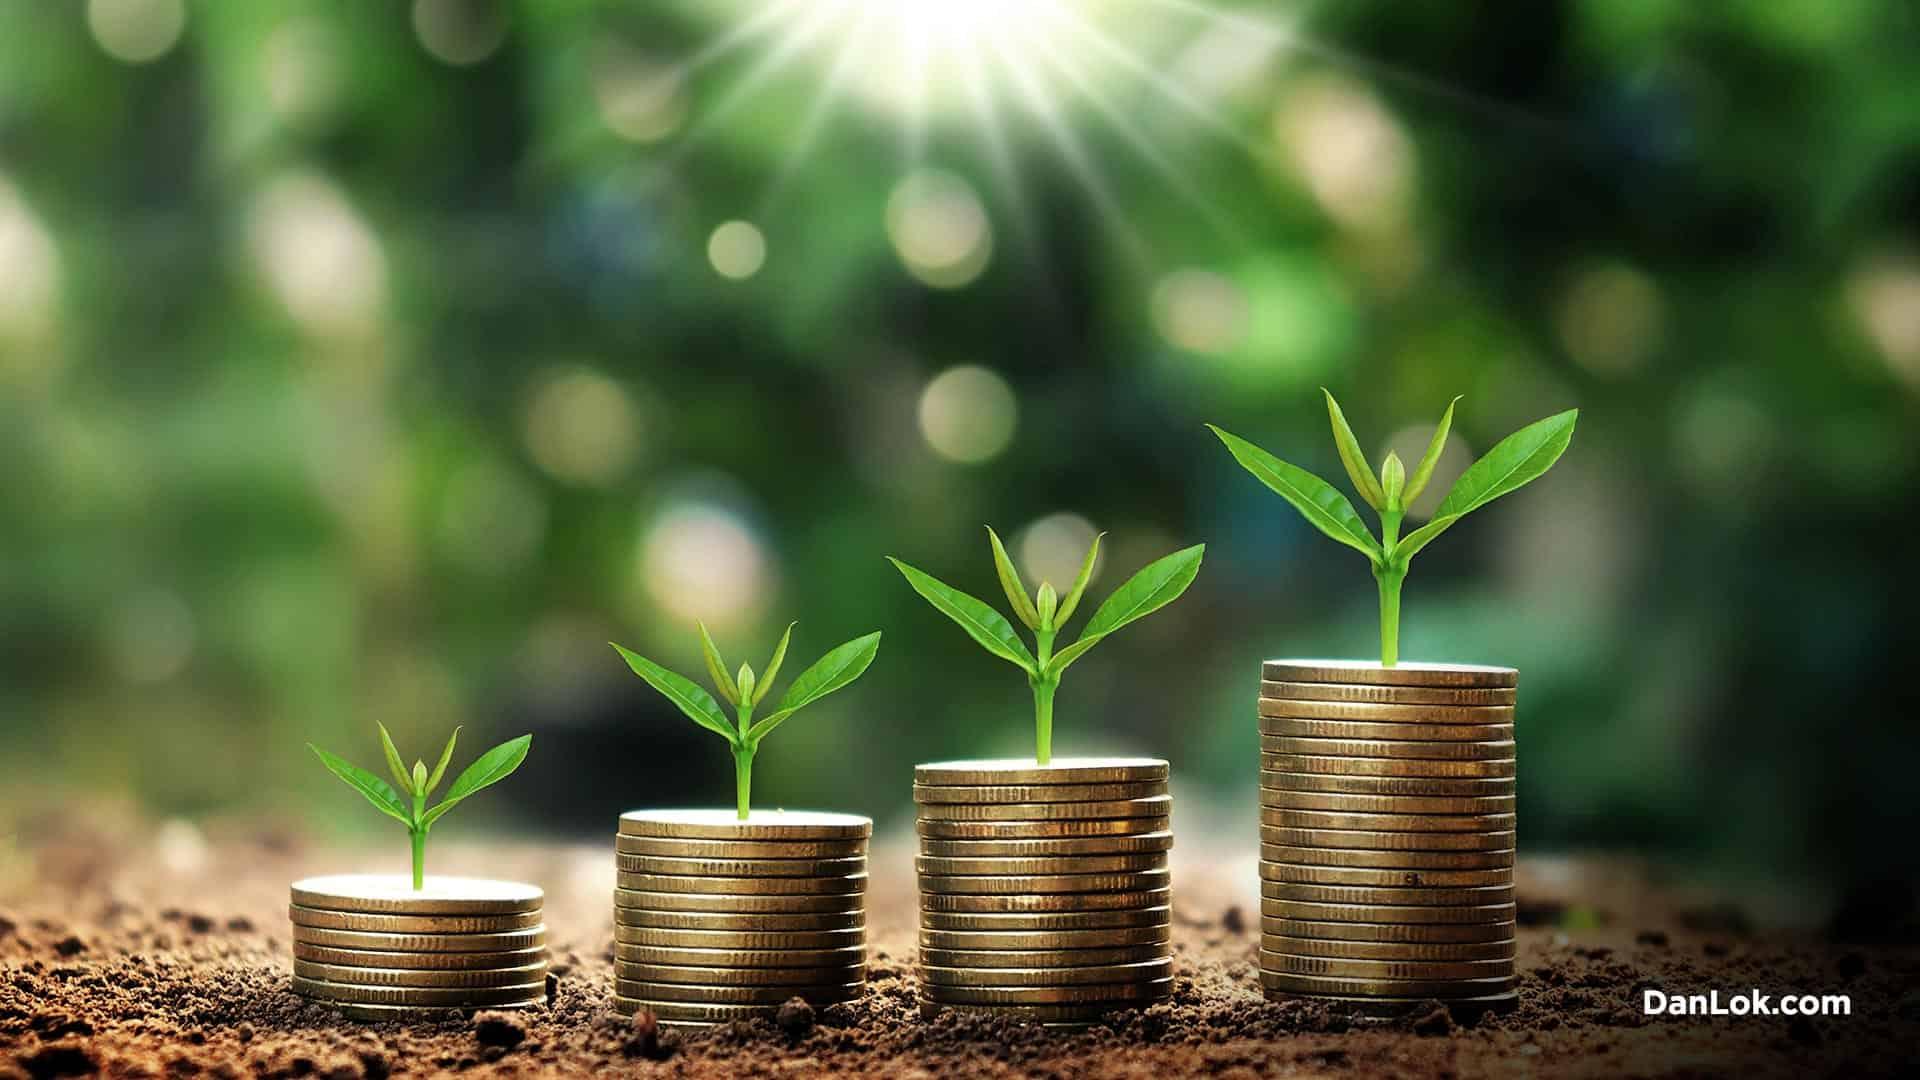 Steuerpfandrechte - High Return Investments